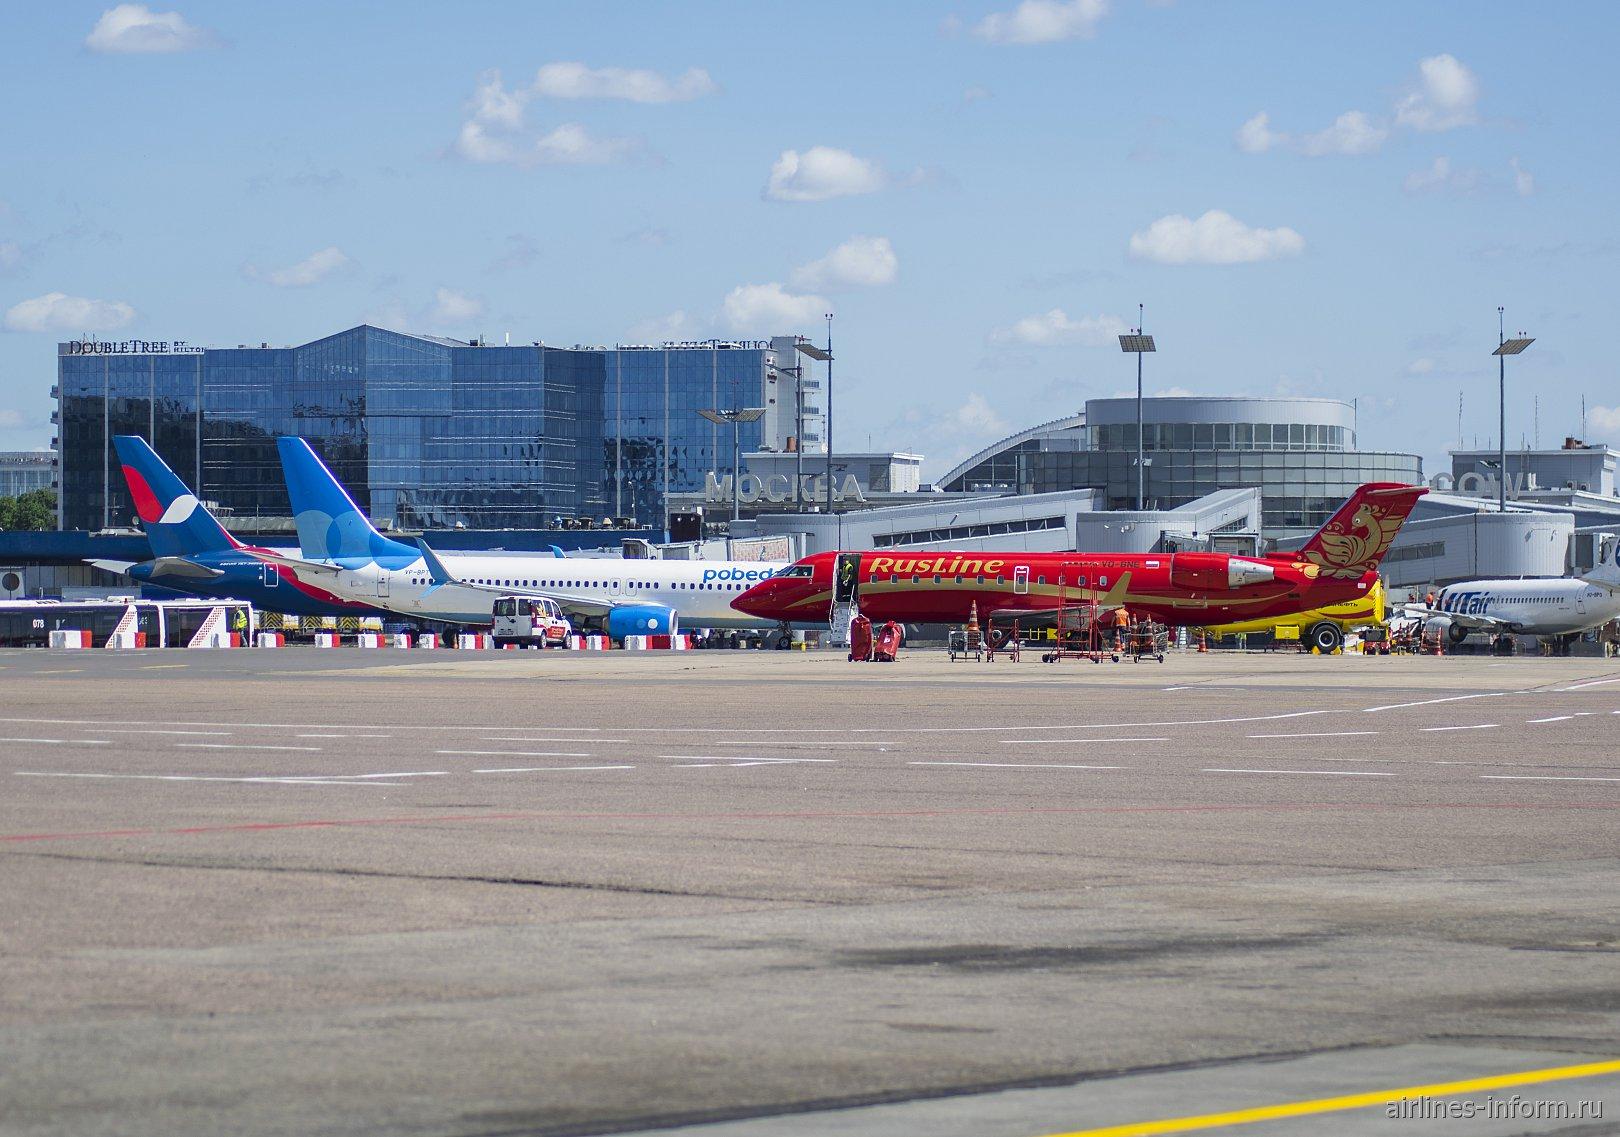 Авиалайнеры у терминала аэропорта Москва Внуково